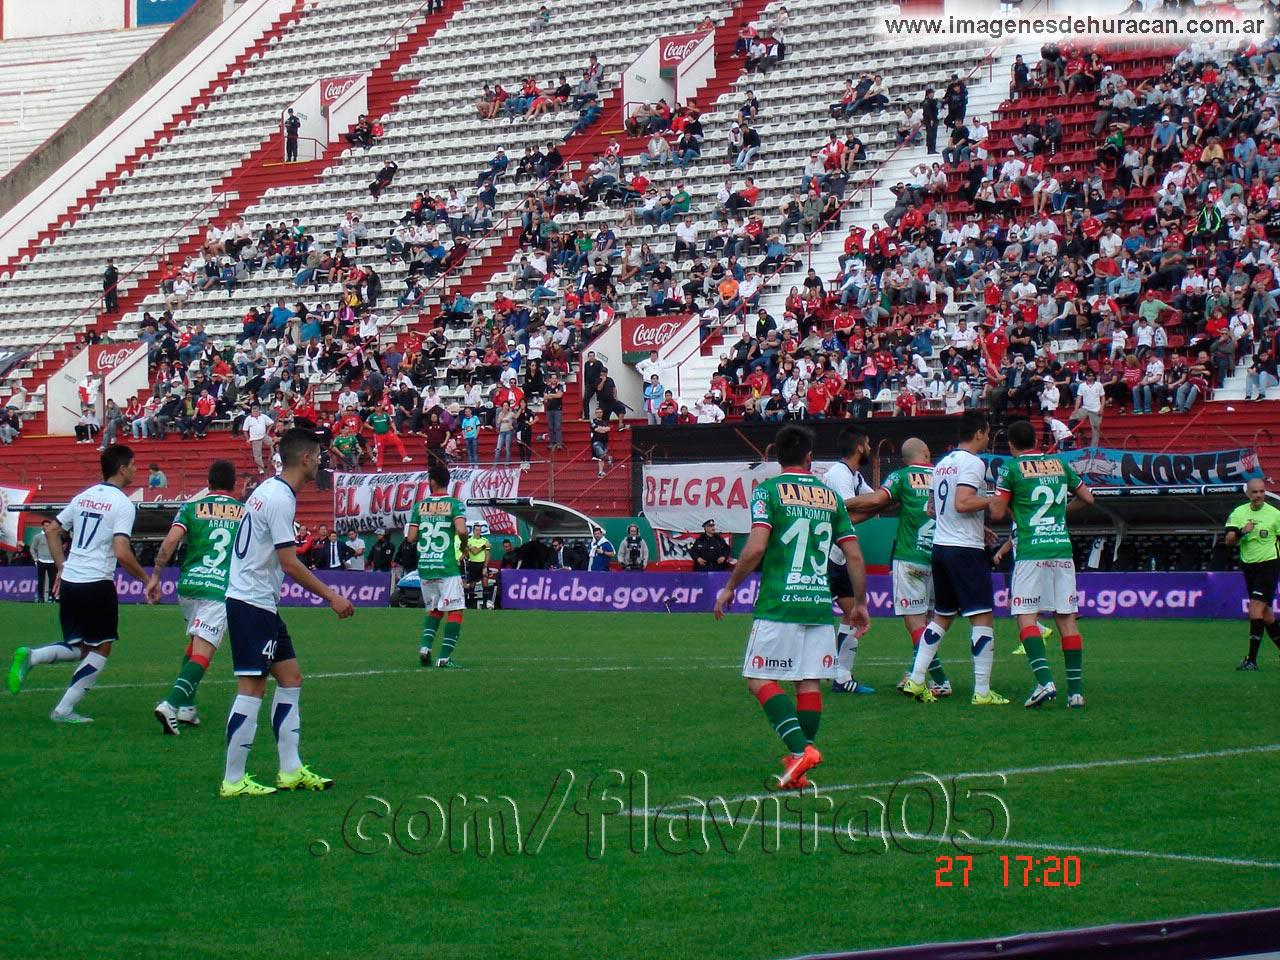 Huracán vs vélez fecha 26 torneo de primera división 2015